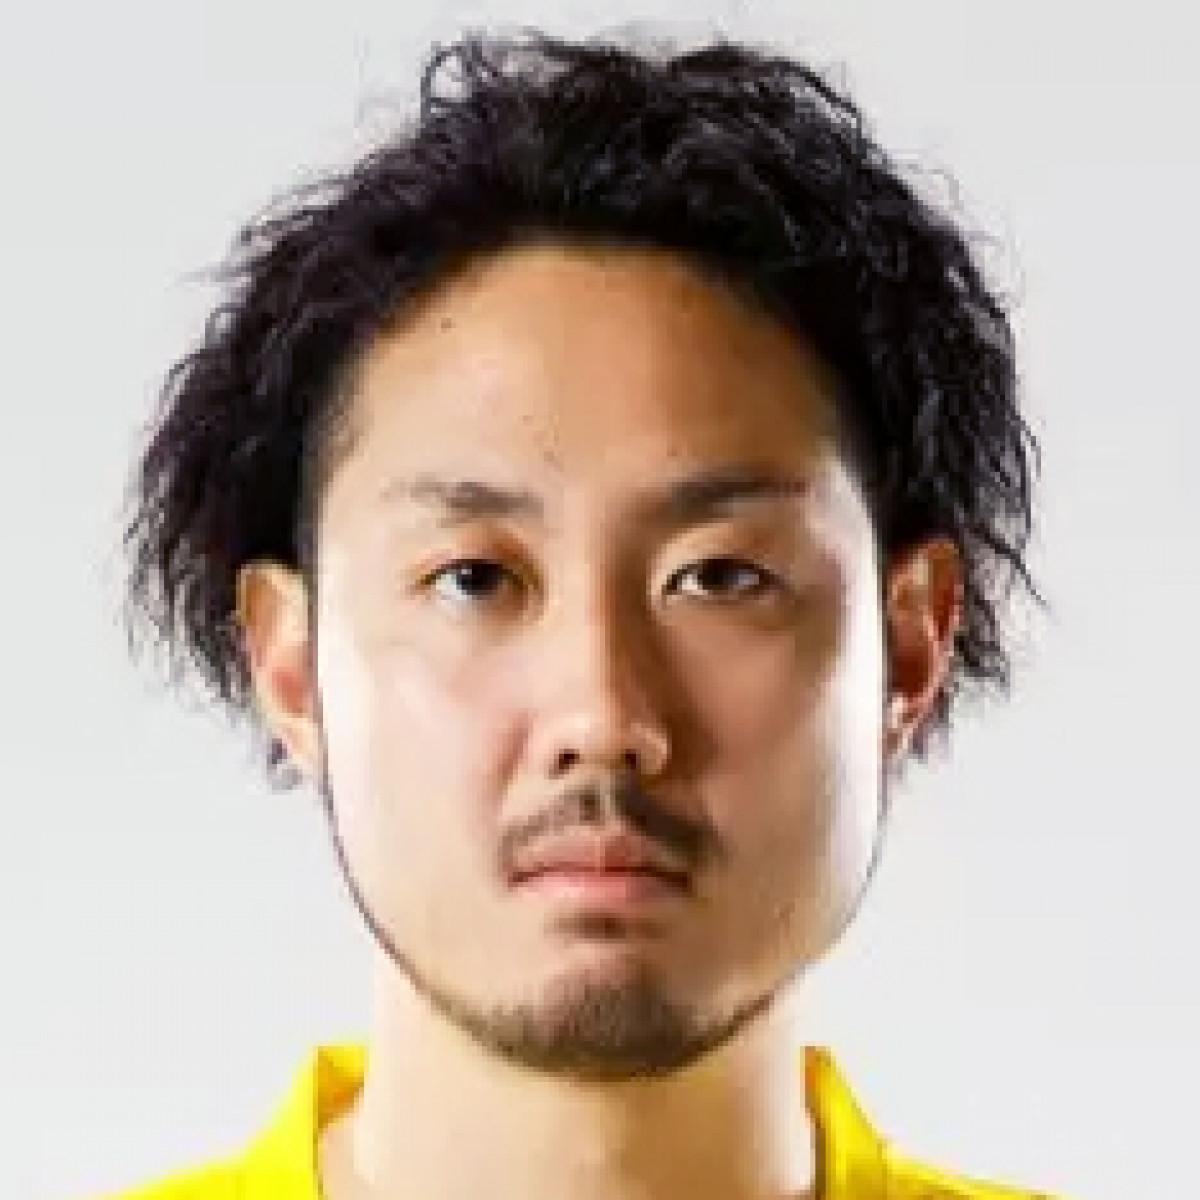 Takuro Tsukuba